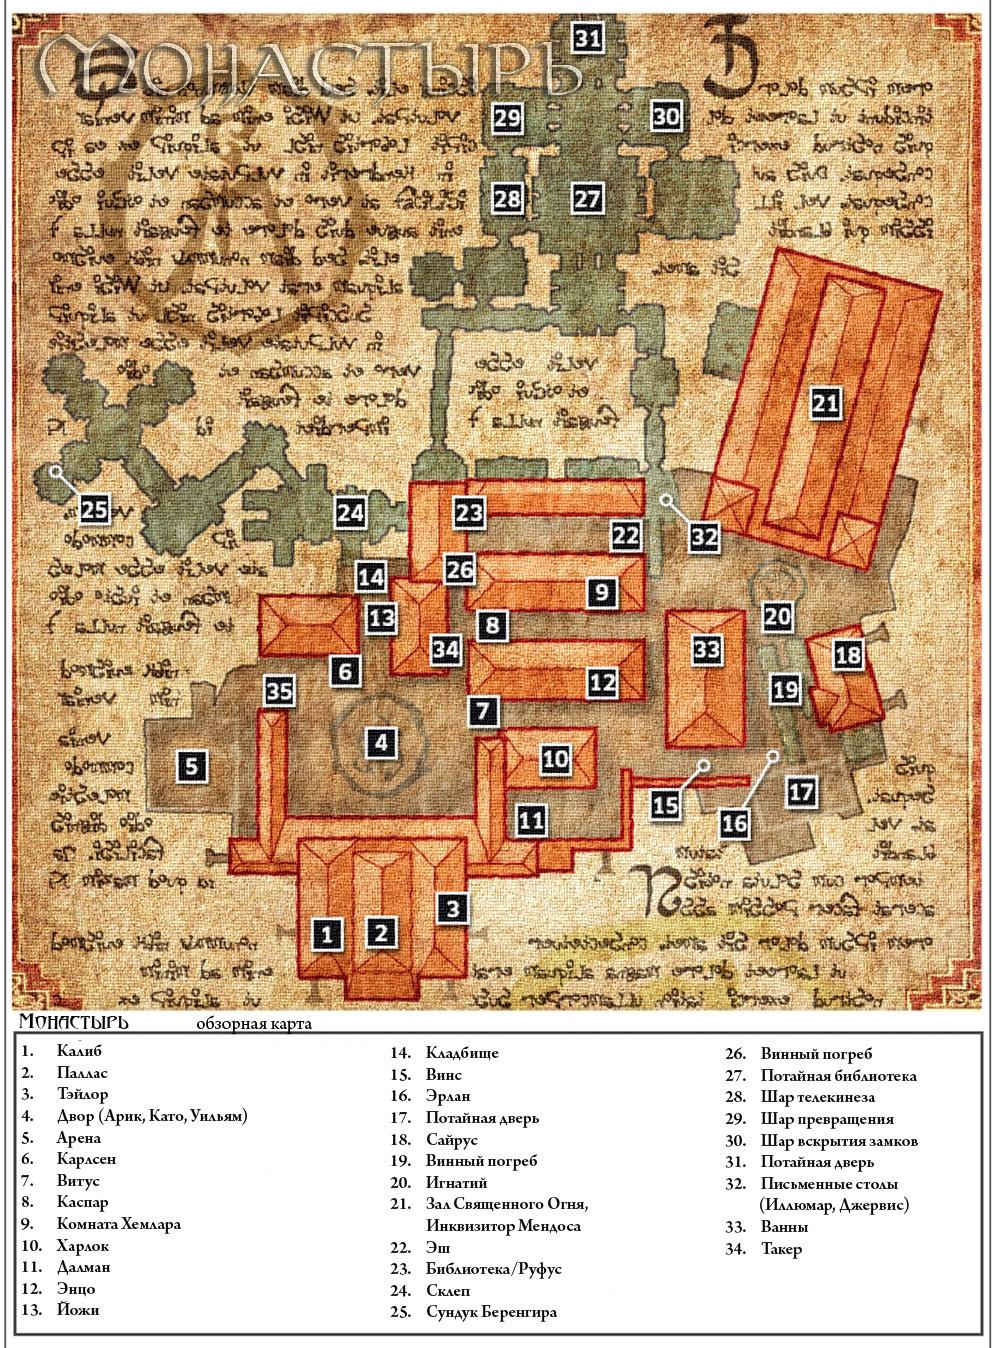 Рисен карты Monastyr